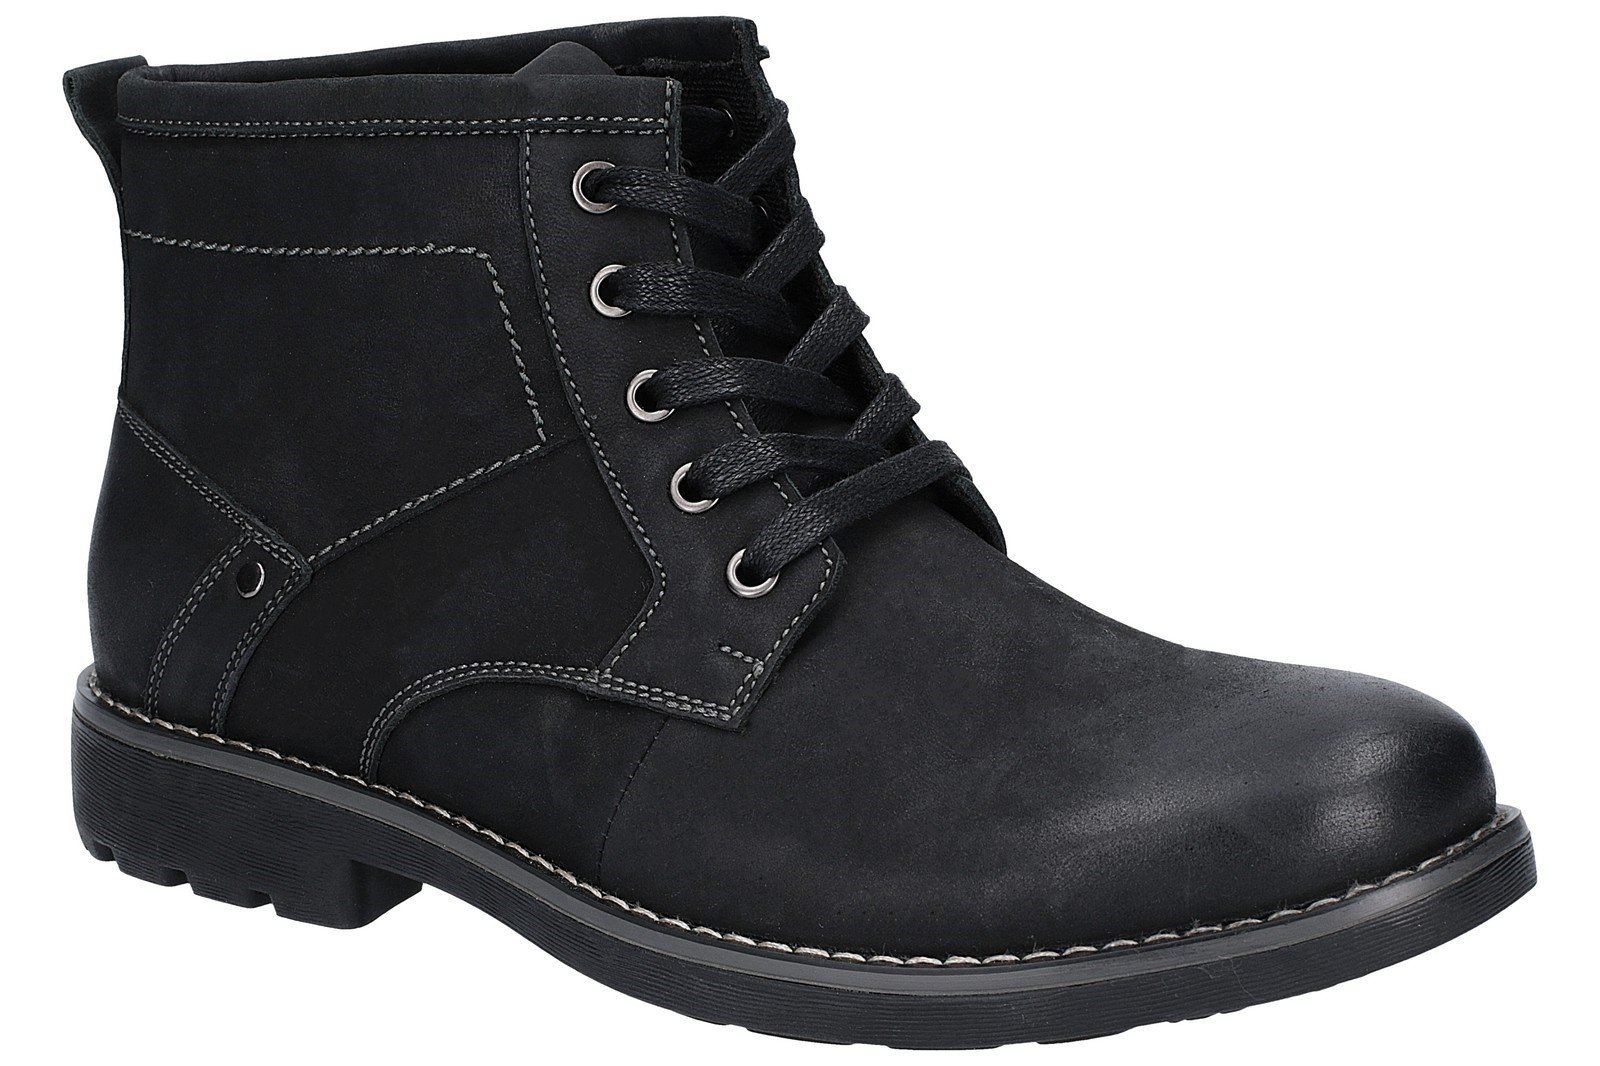 Hush Puppies men's Duke Chukka Boot Various Colours 27359 - Black 7